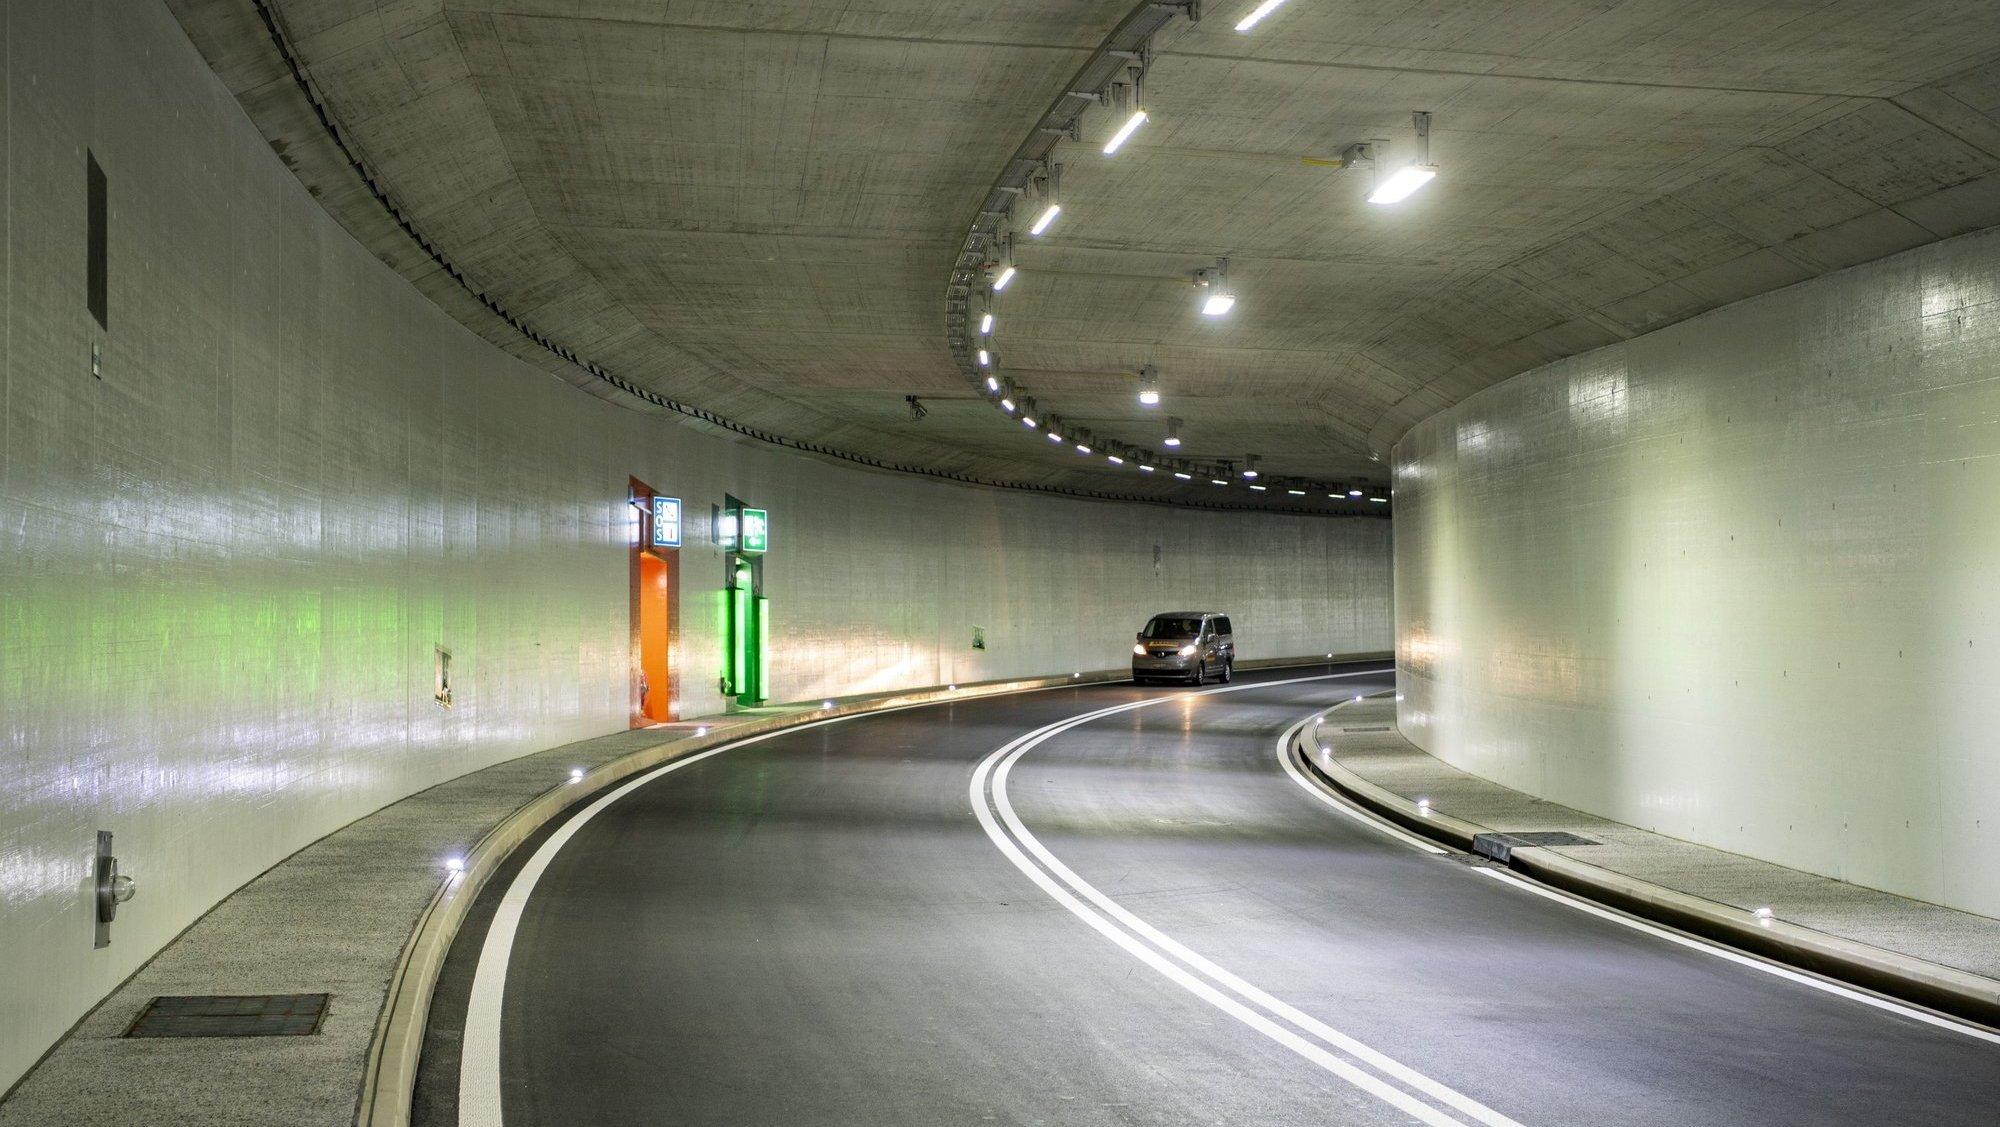 Tunnel de Gorgier: condamné pour avoir percuté un mur et roulé les pneus crevés